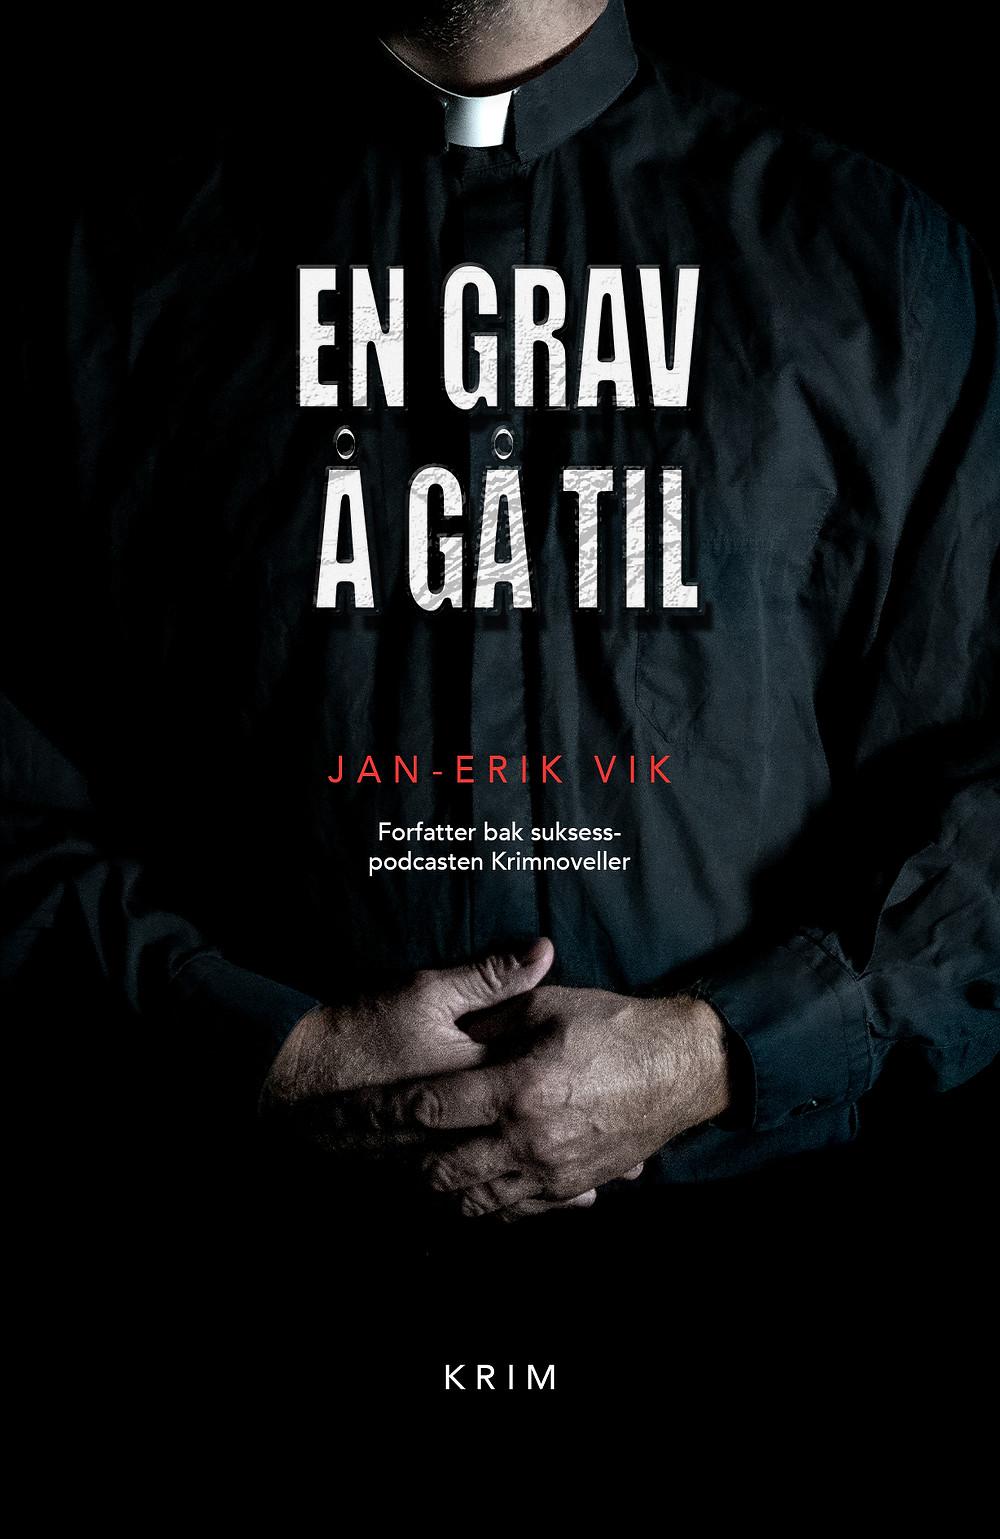 Bokomslag av krimromanen En grav å gå til, skrevet av forfatter Jan-Erik Vik